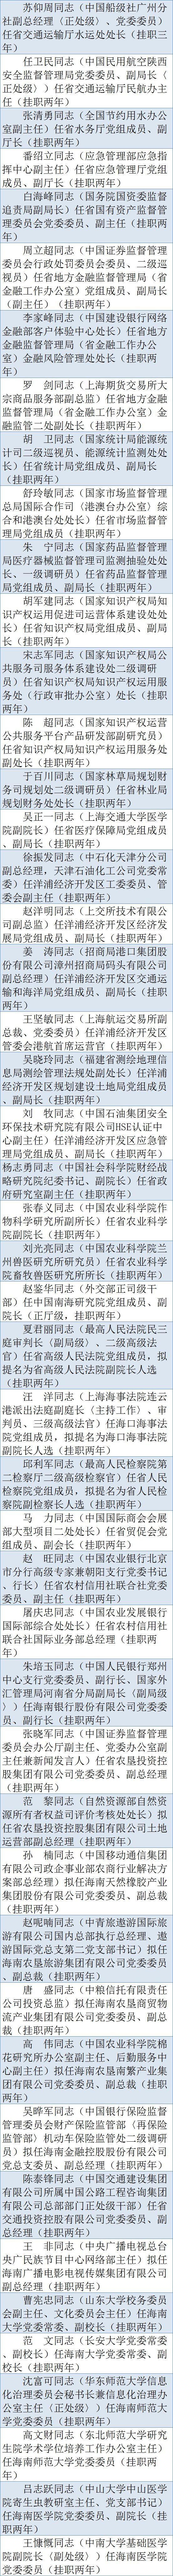 乐透乐福彩博彩论坛-2018秋冬口红系列新鲜出炉